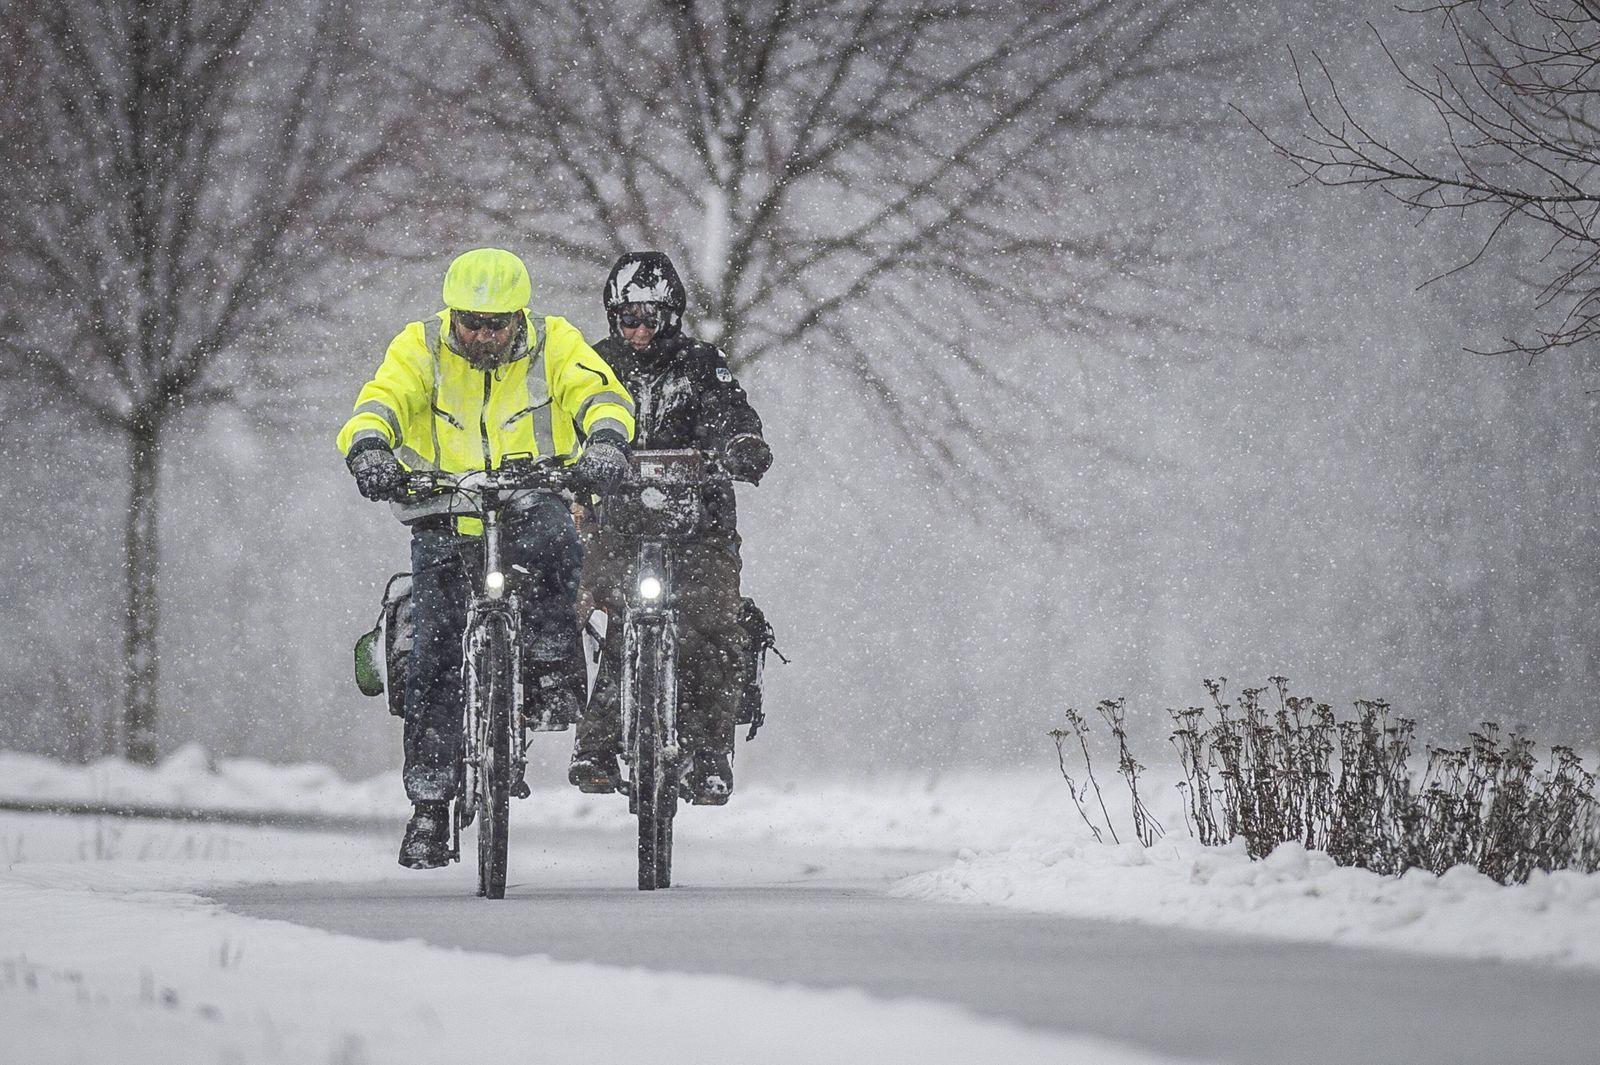 Zwei Radfahrer fahren durch einen Schneesturm bei Nieder Seifersdorf 11 01 2019 Nieder Seifersdorf